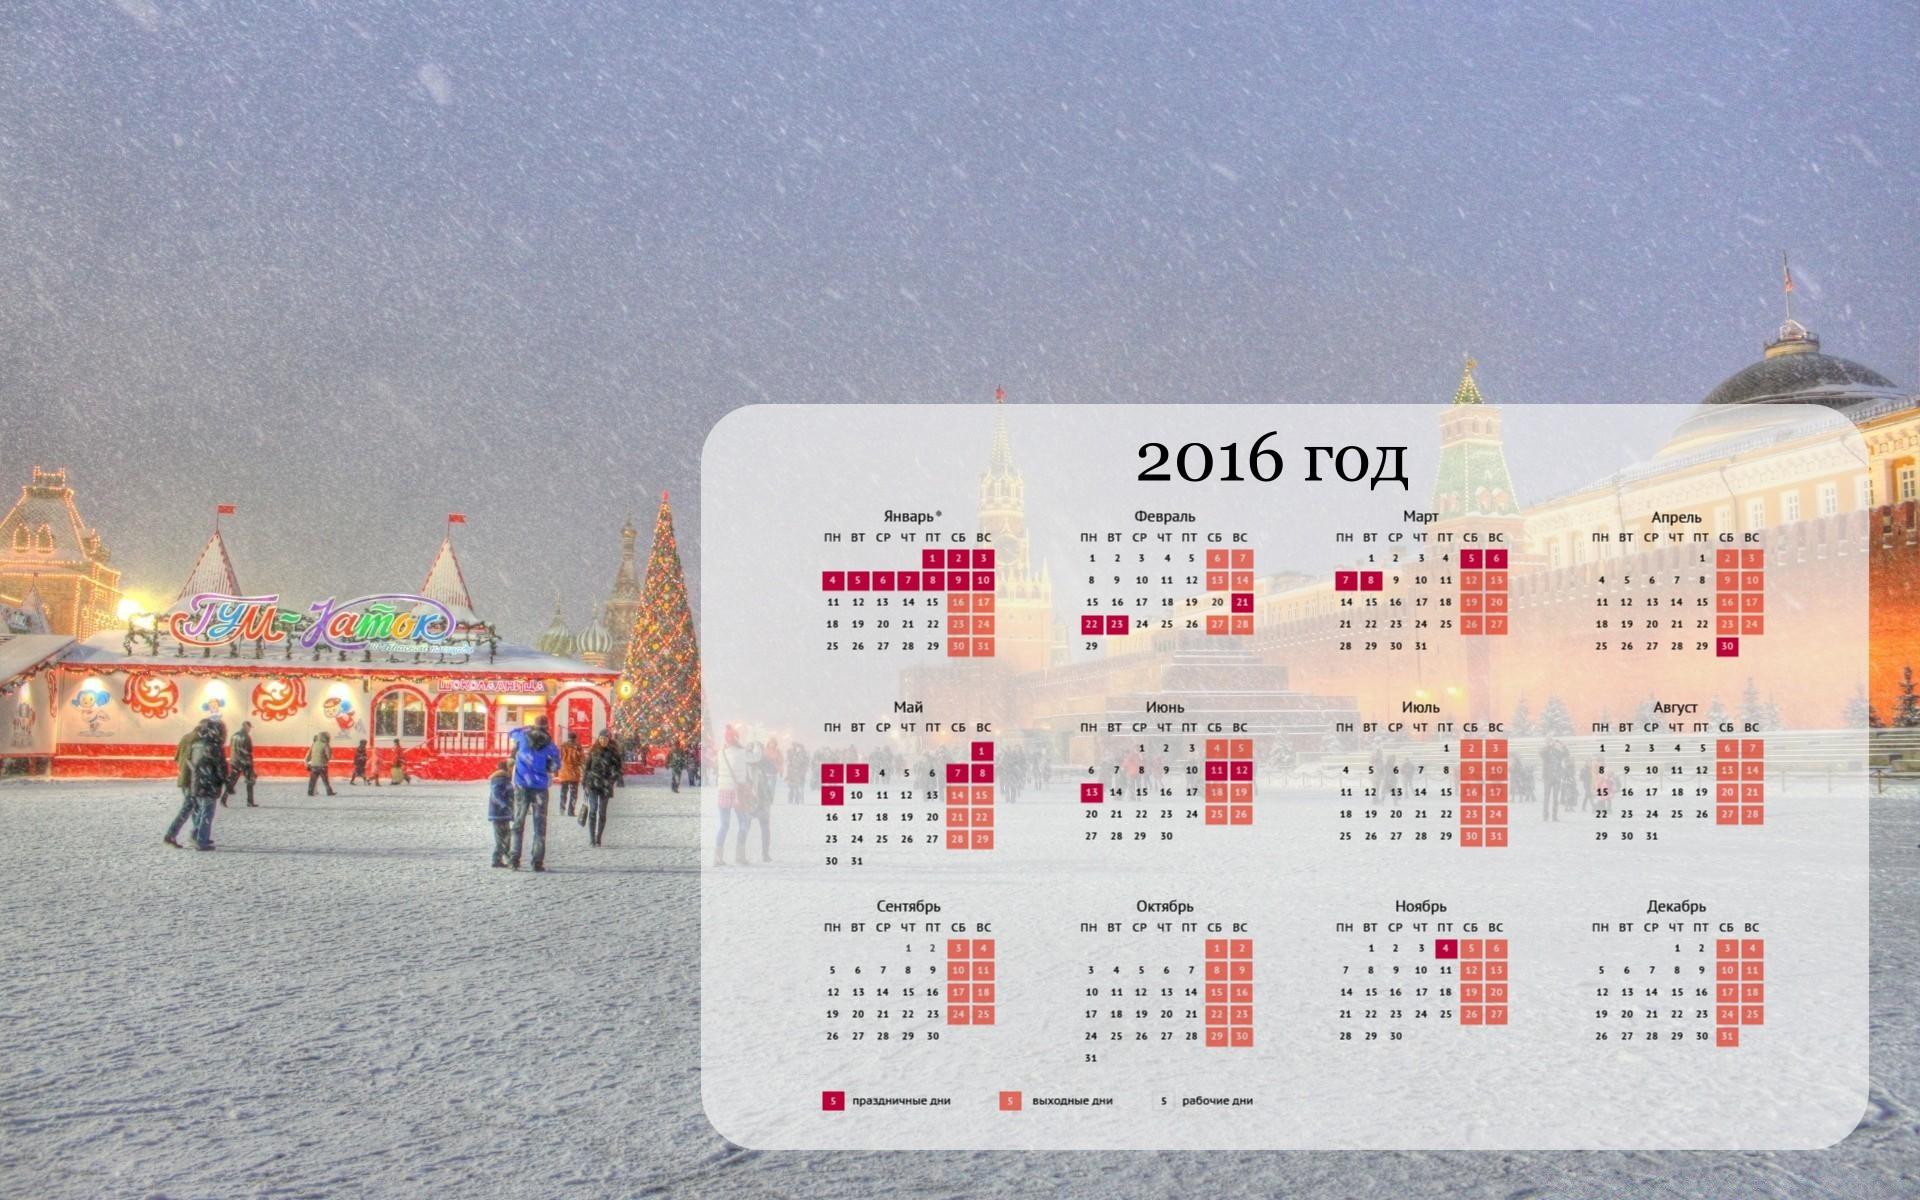 Новый год в москве, календарь на 2016 год - скачать обои на .